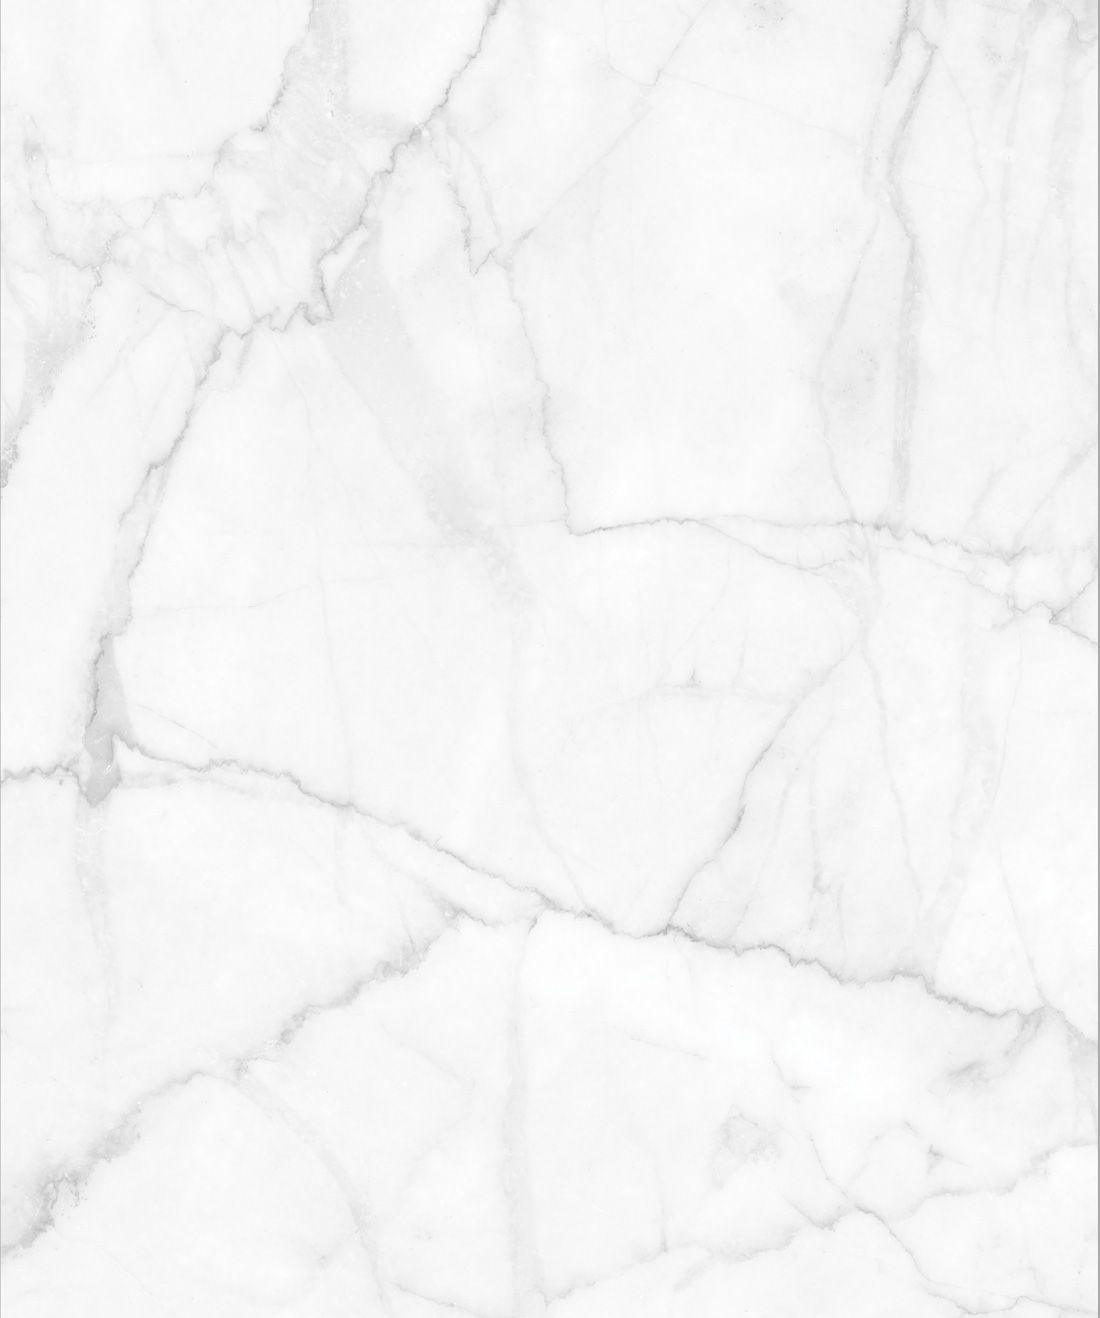 Marble Wallpaper • Luxury Realistic White Marble • Milton